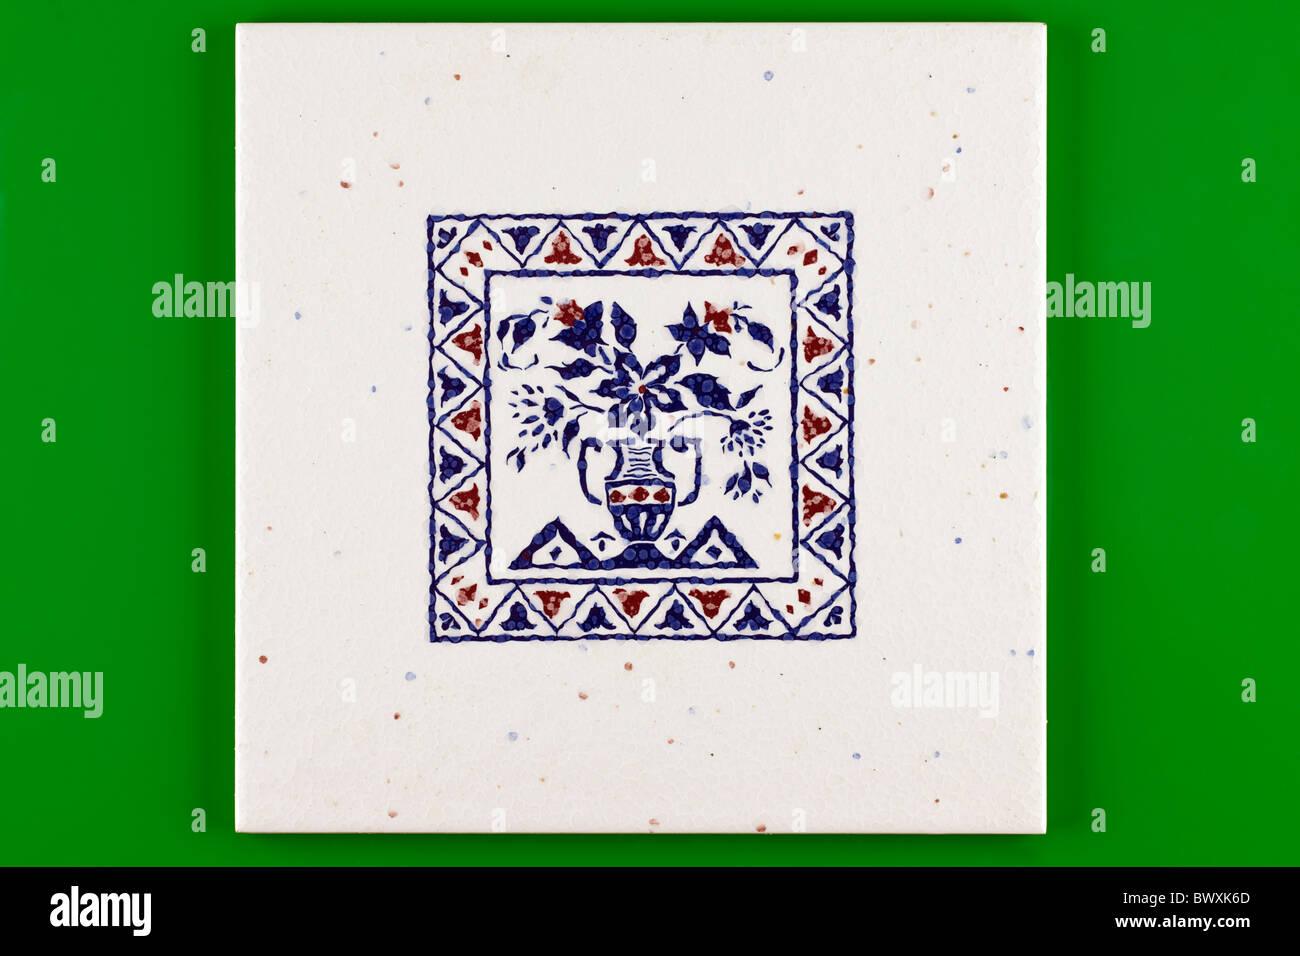 Blu E Bianco Configurato Square Piastrella Ceramica Su Uno Sfondo